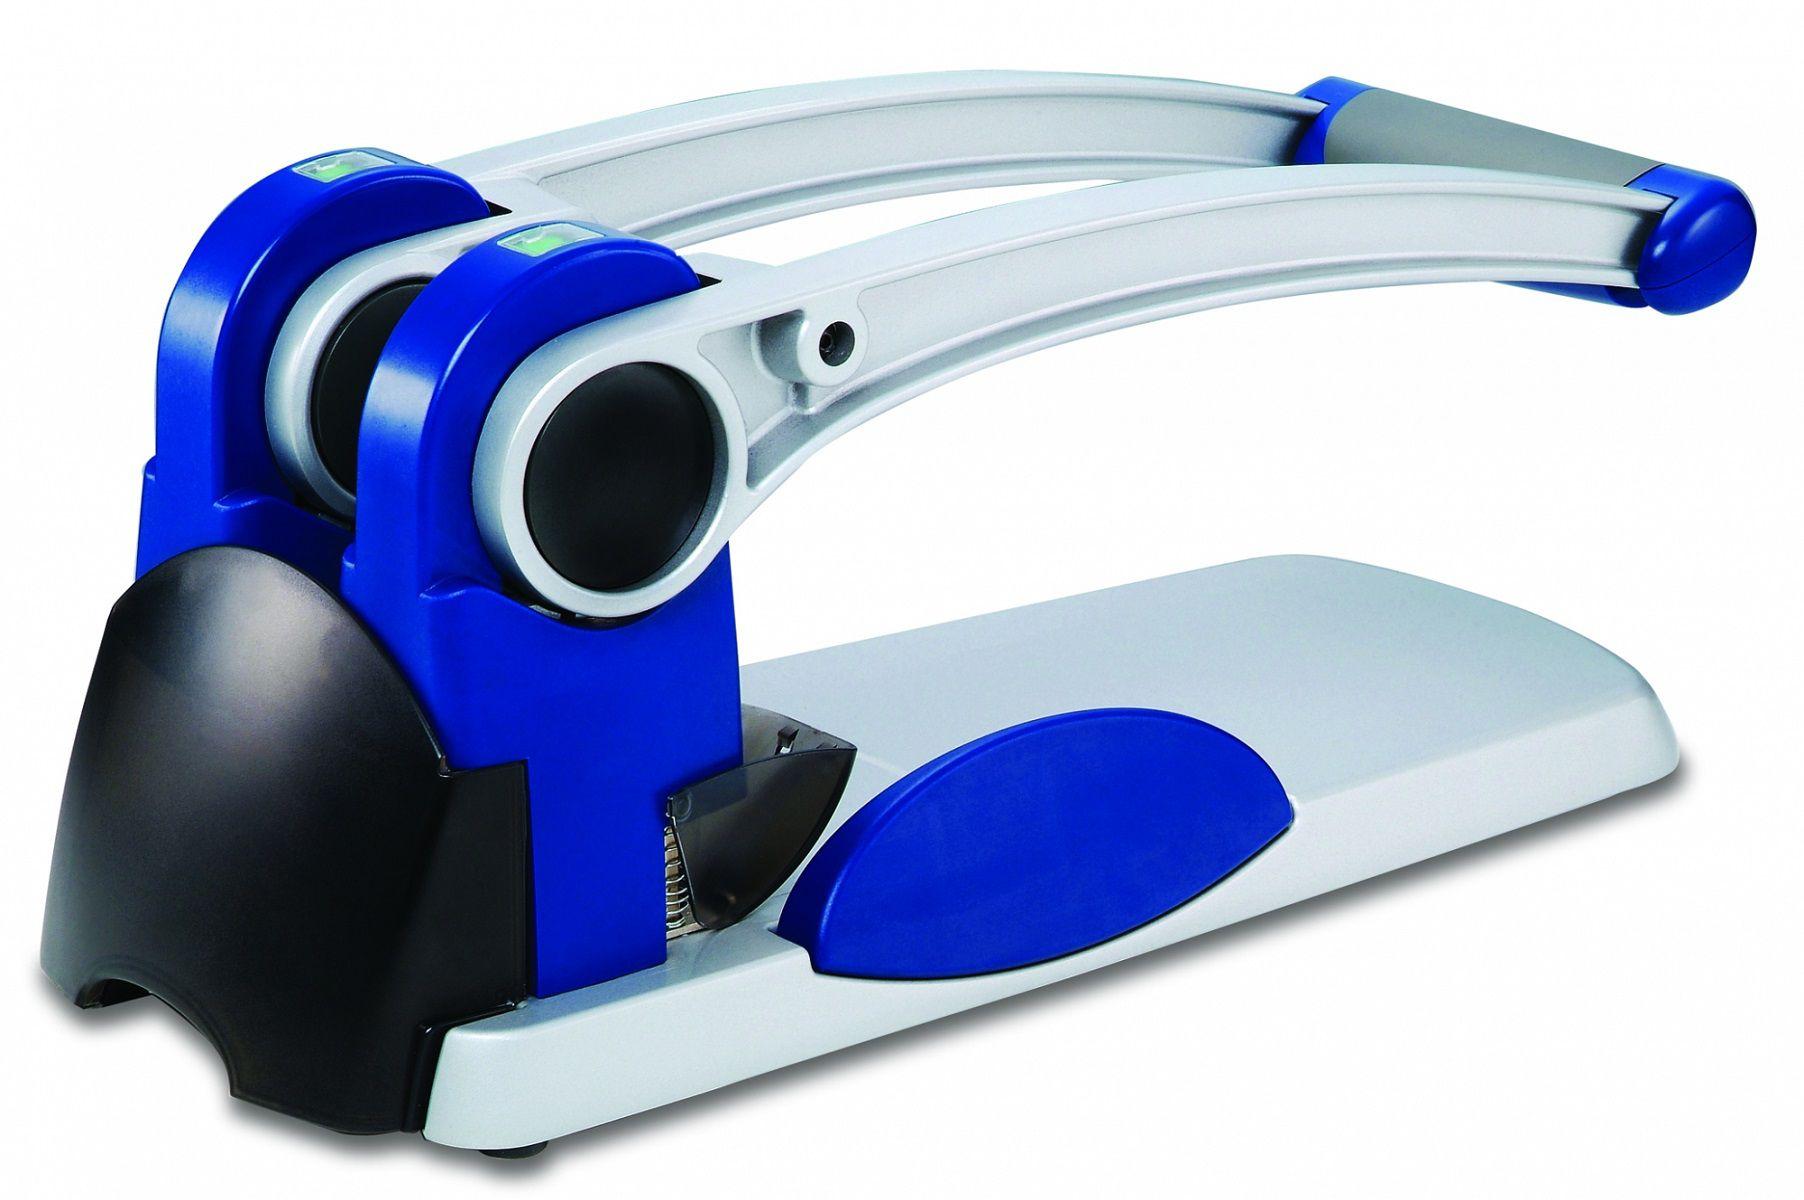 Perfurador de Papel 2 Furos 6mm até 300 Folhas Kw-trio 9550  - Click Suprimentos